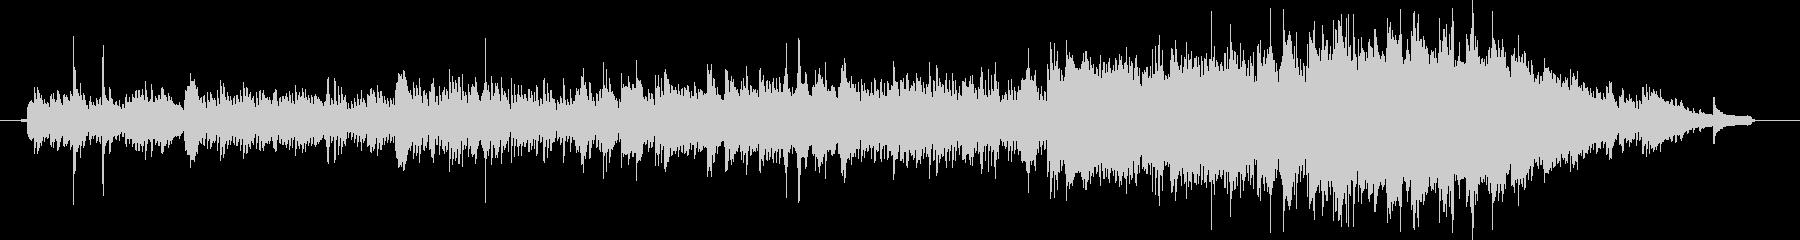 クラシカルなピアノ・バラードの未再生の波形